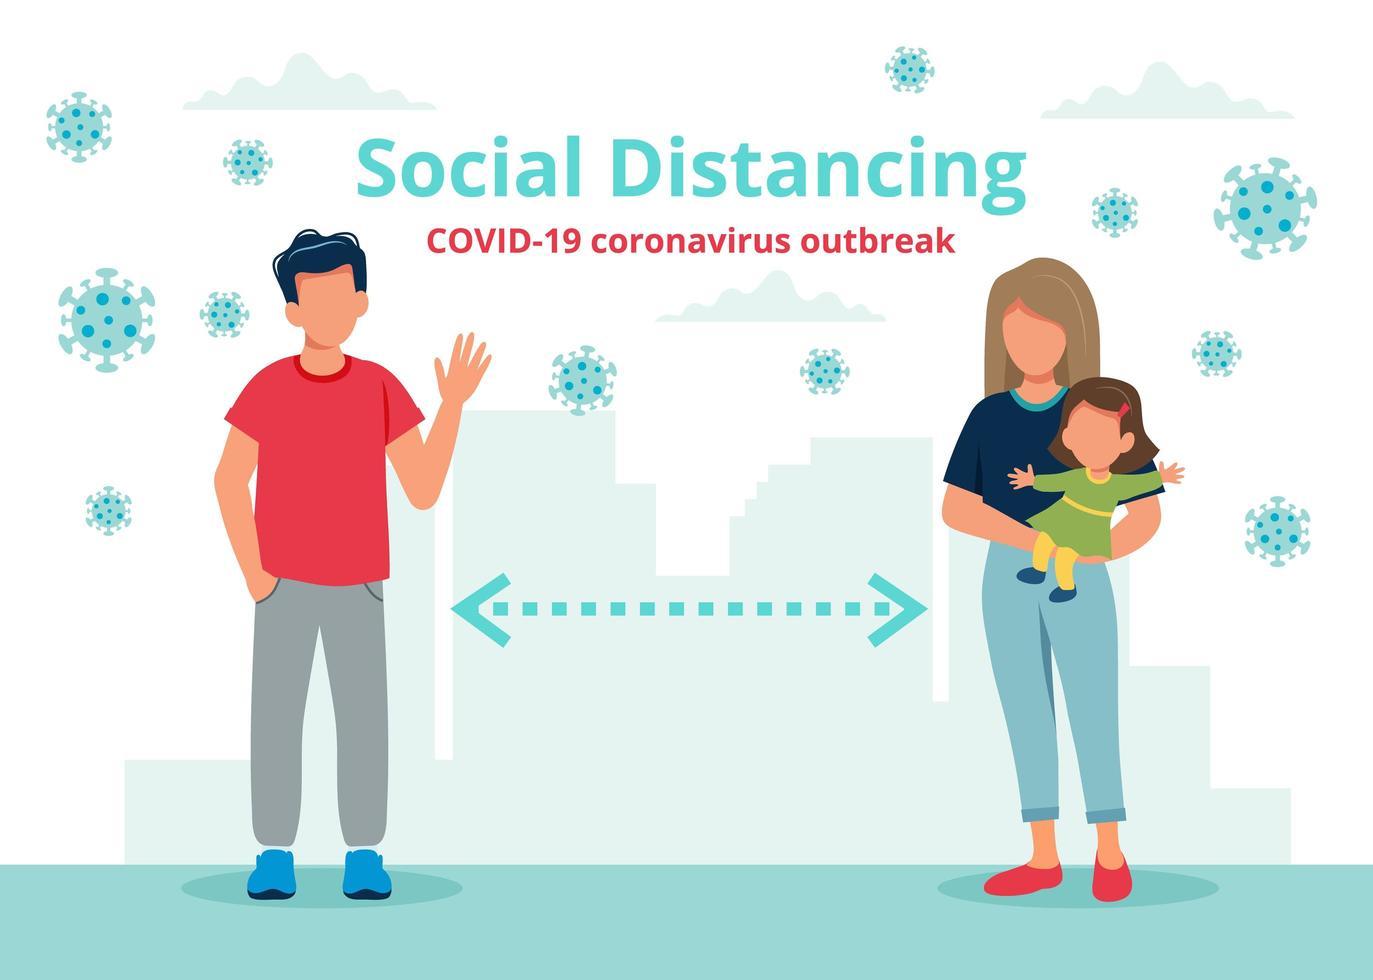 soziales Distanzierungskonzept mit Menschen auf Distanz vektor